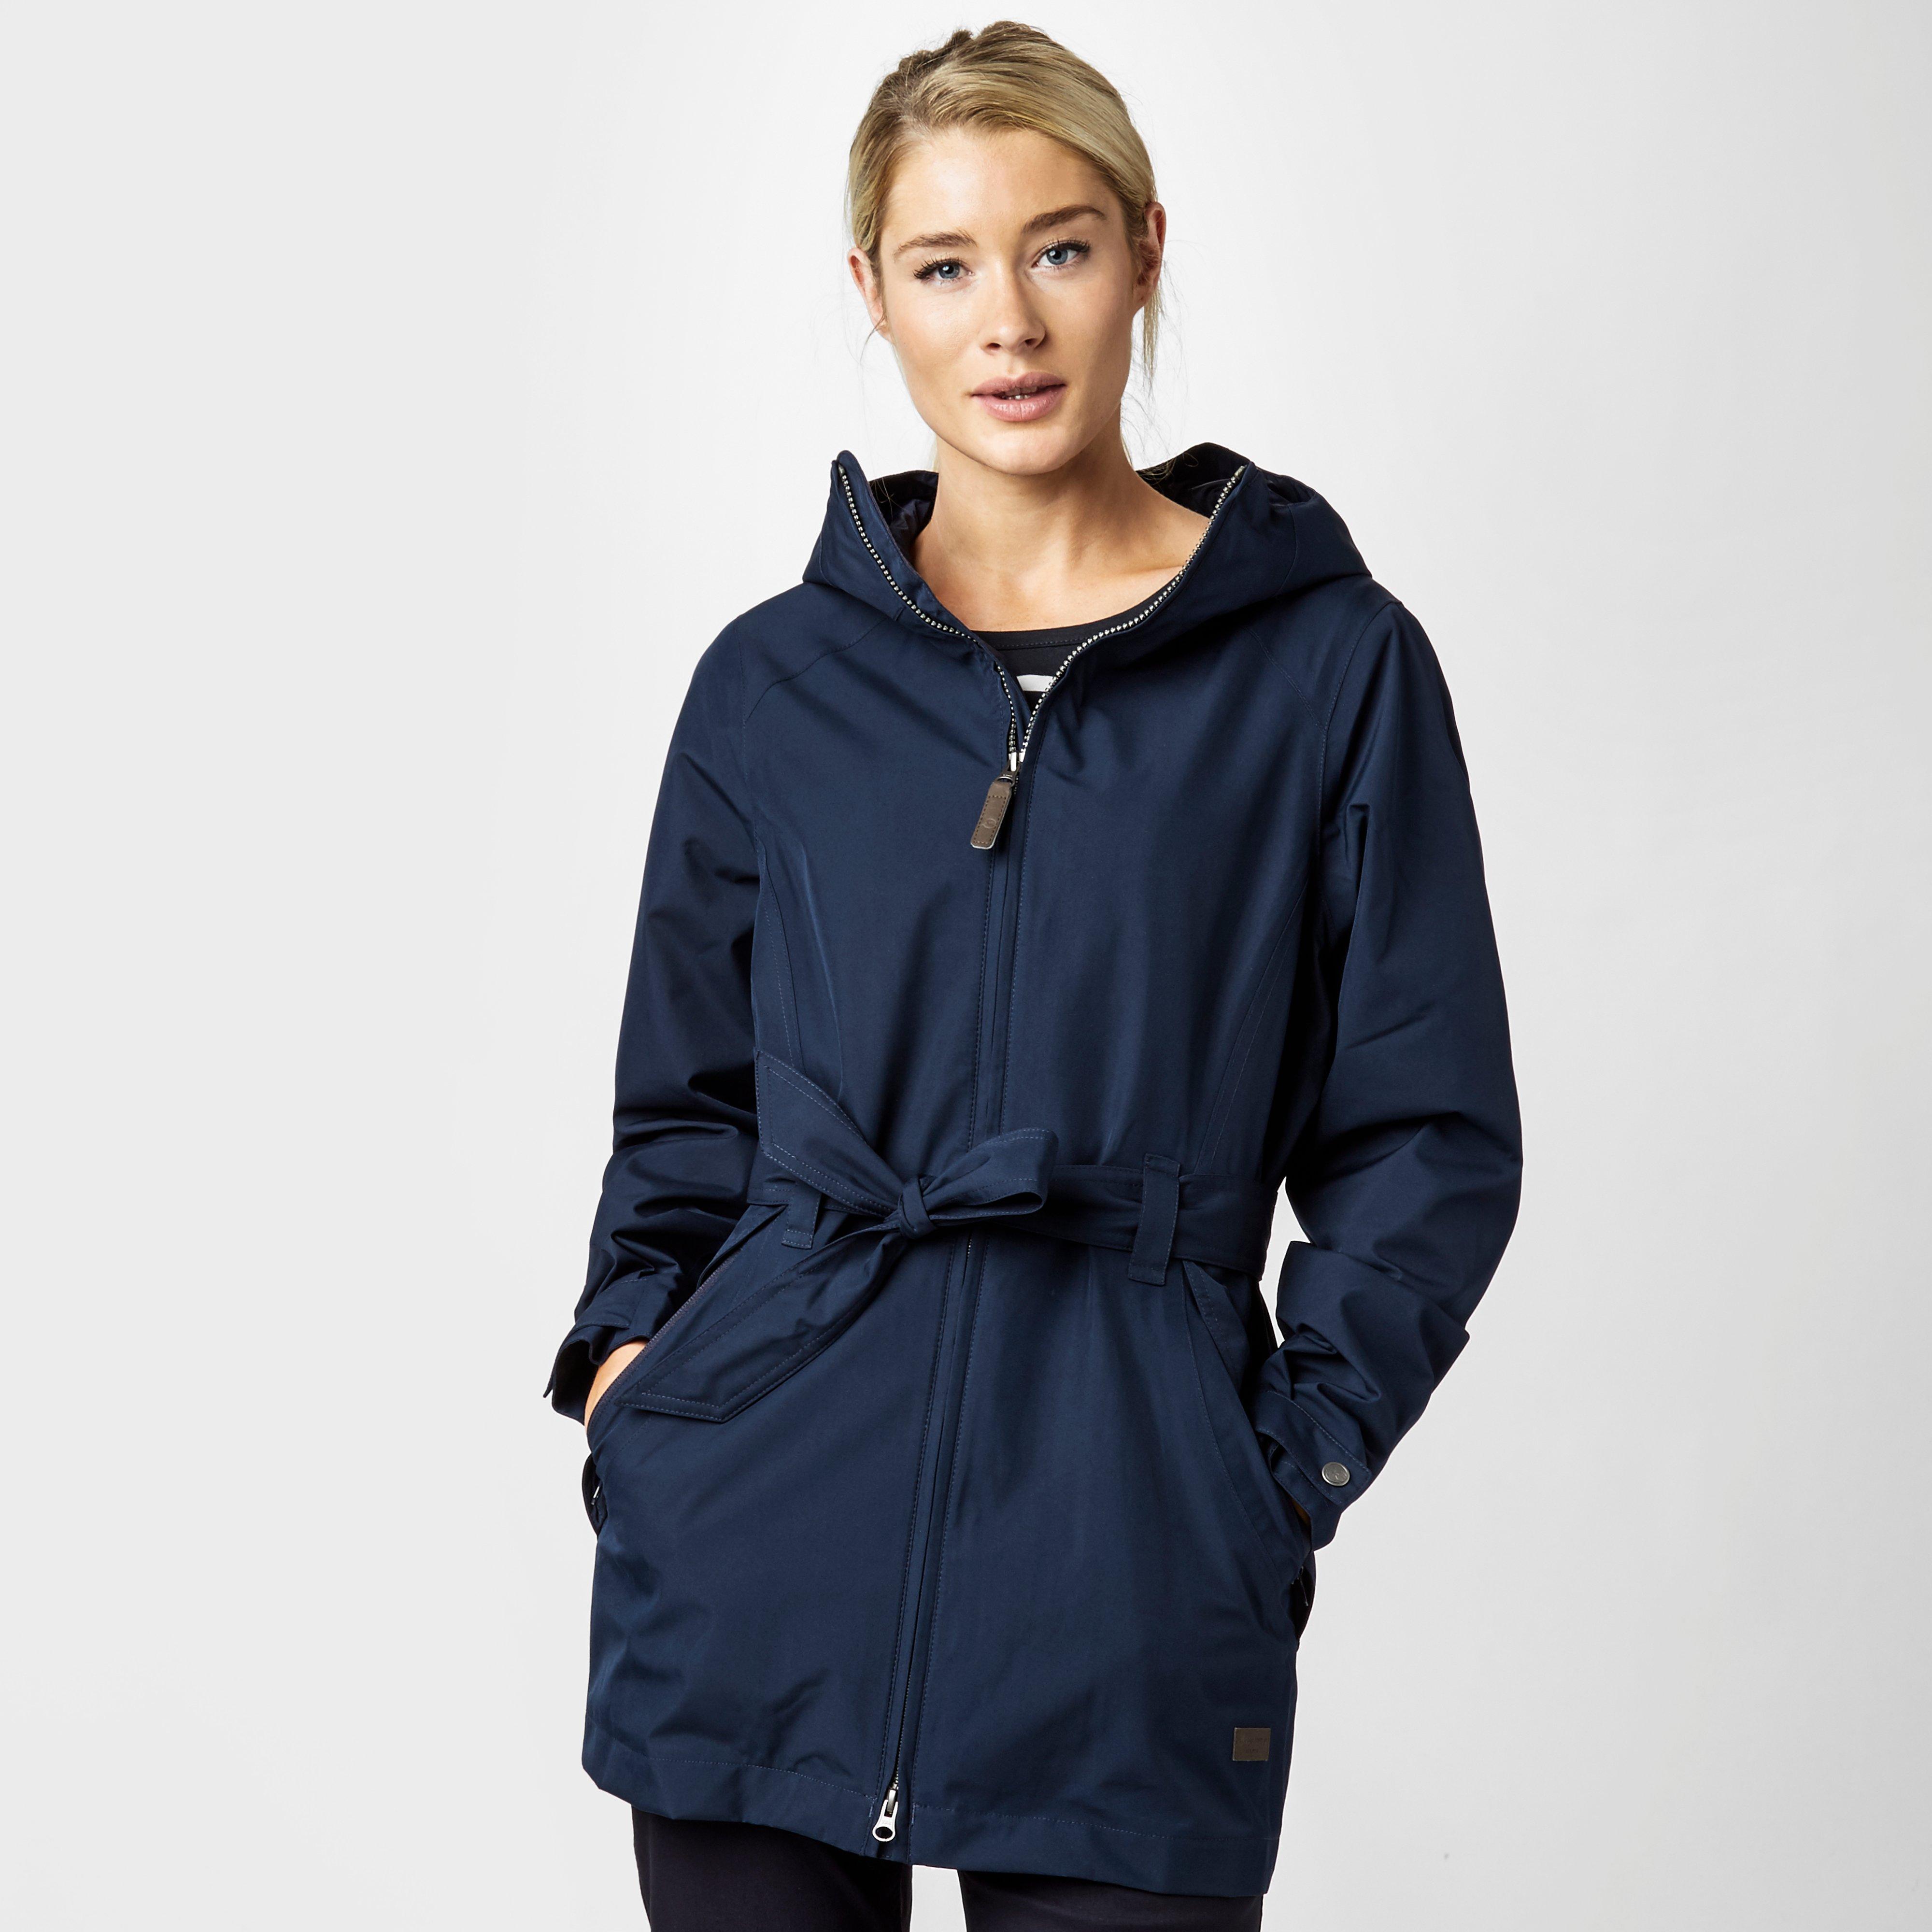 Sprayway Womens Skala GORETEX Jacket Navy